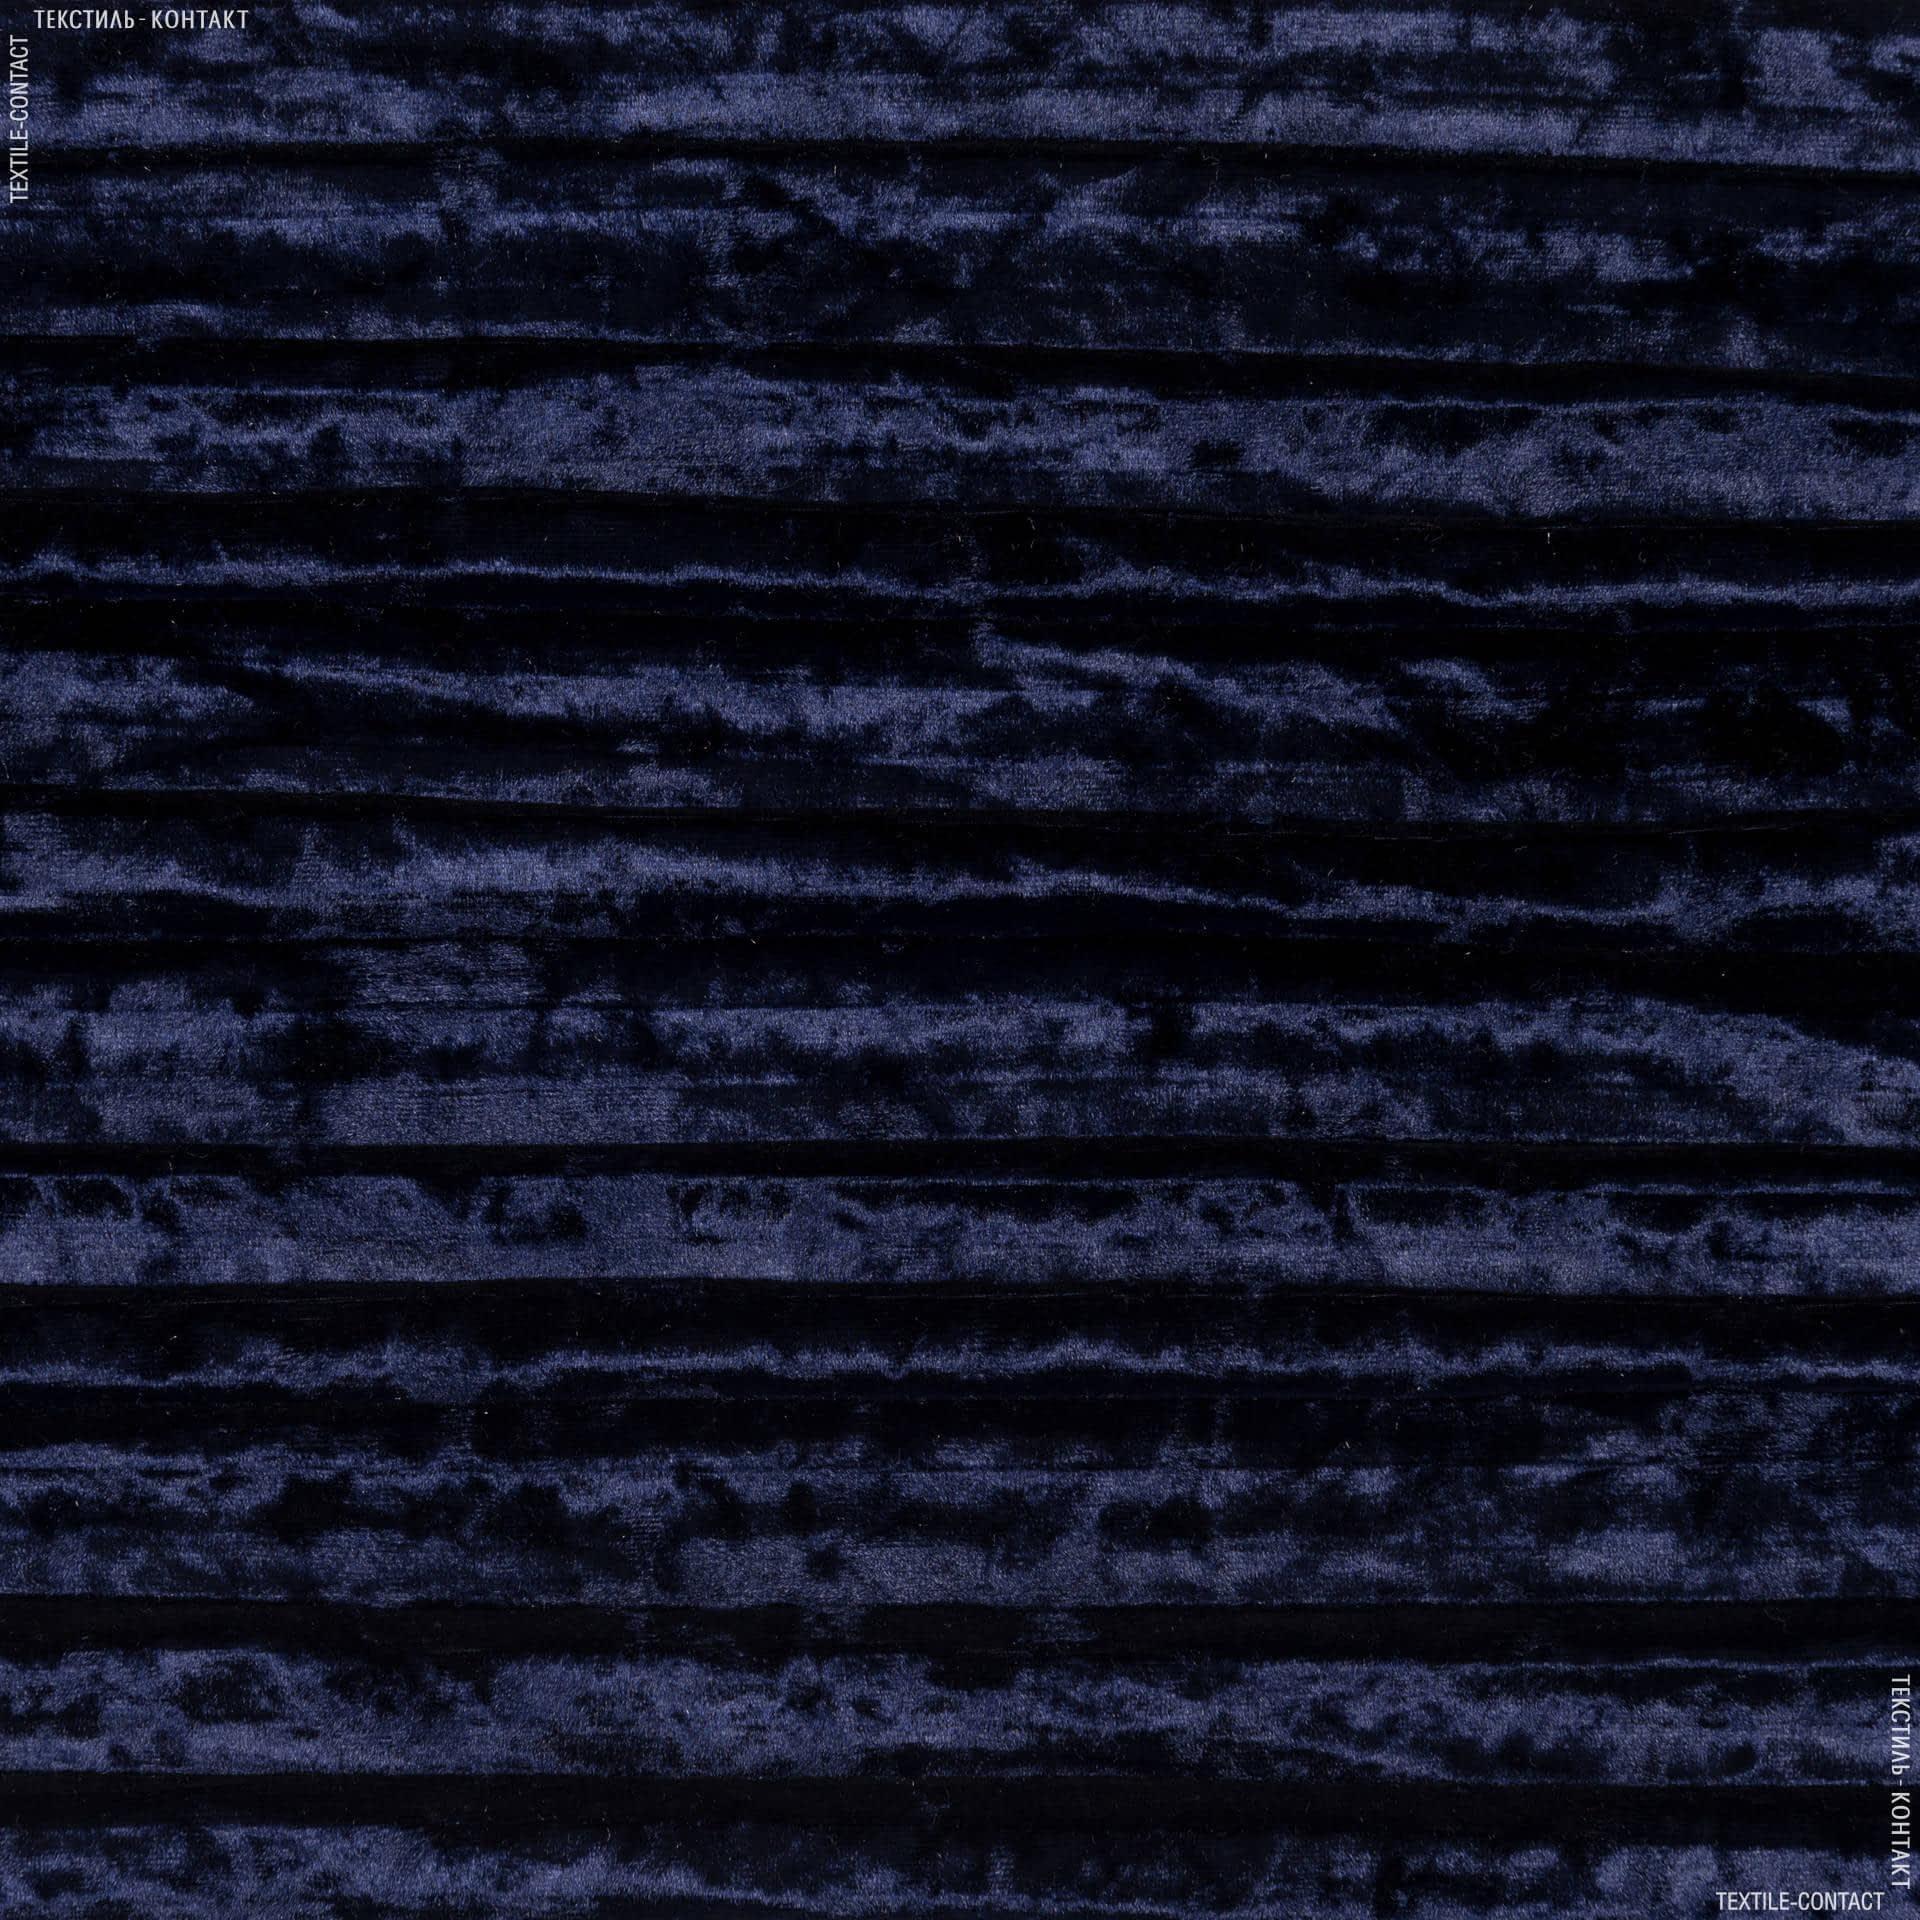 Ткани для костюмов - Велюр плиссе чернильный